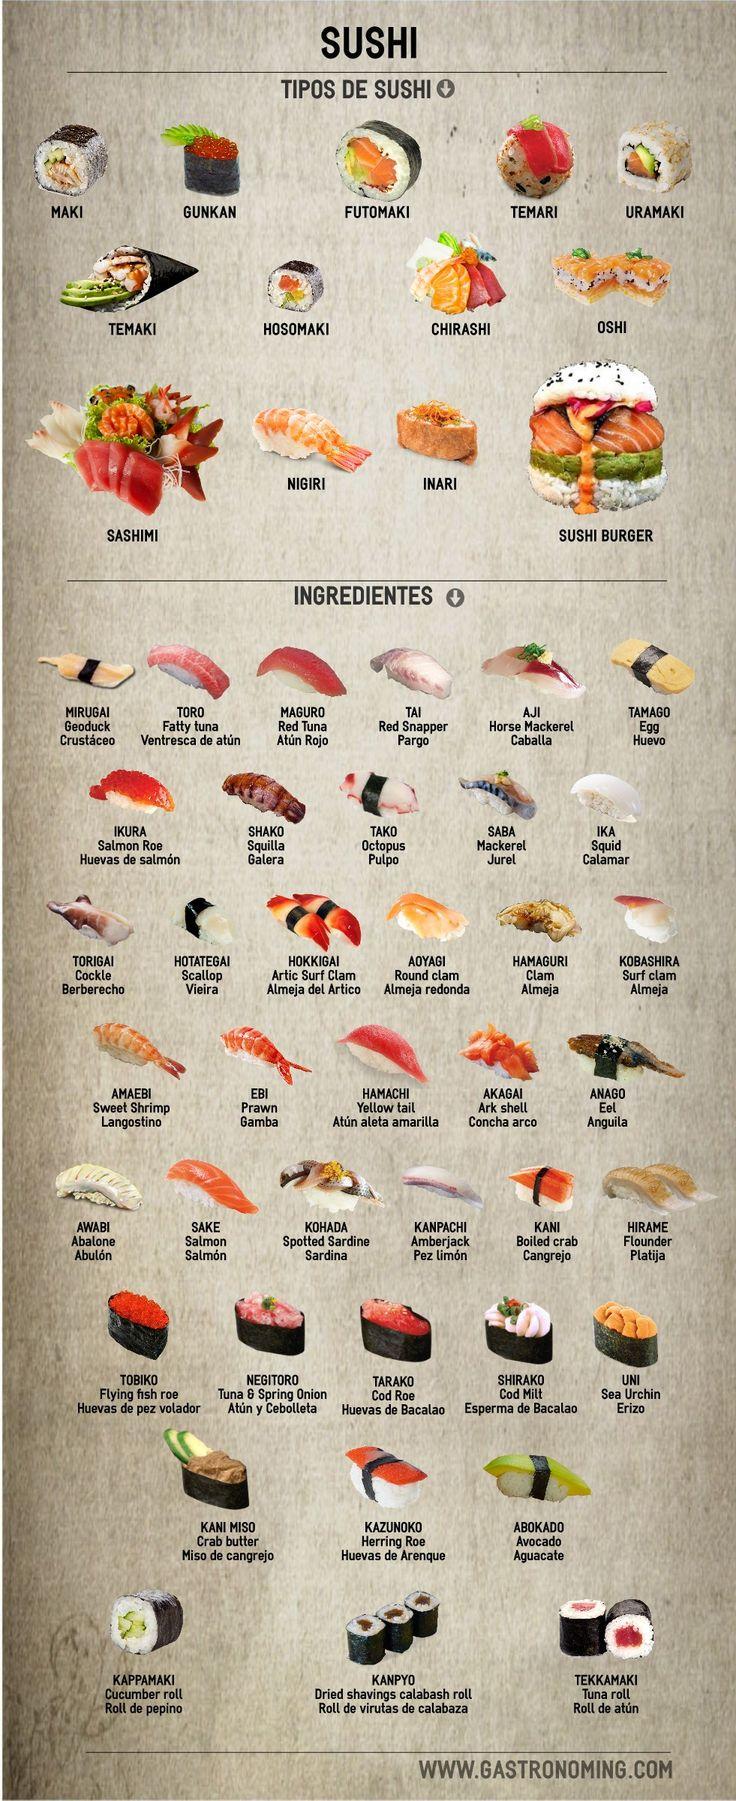 Les 9 meilleures images du tableau arroz sur pinterest - Cocinar sushi facil ...